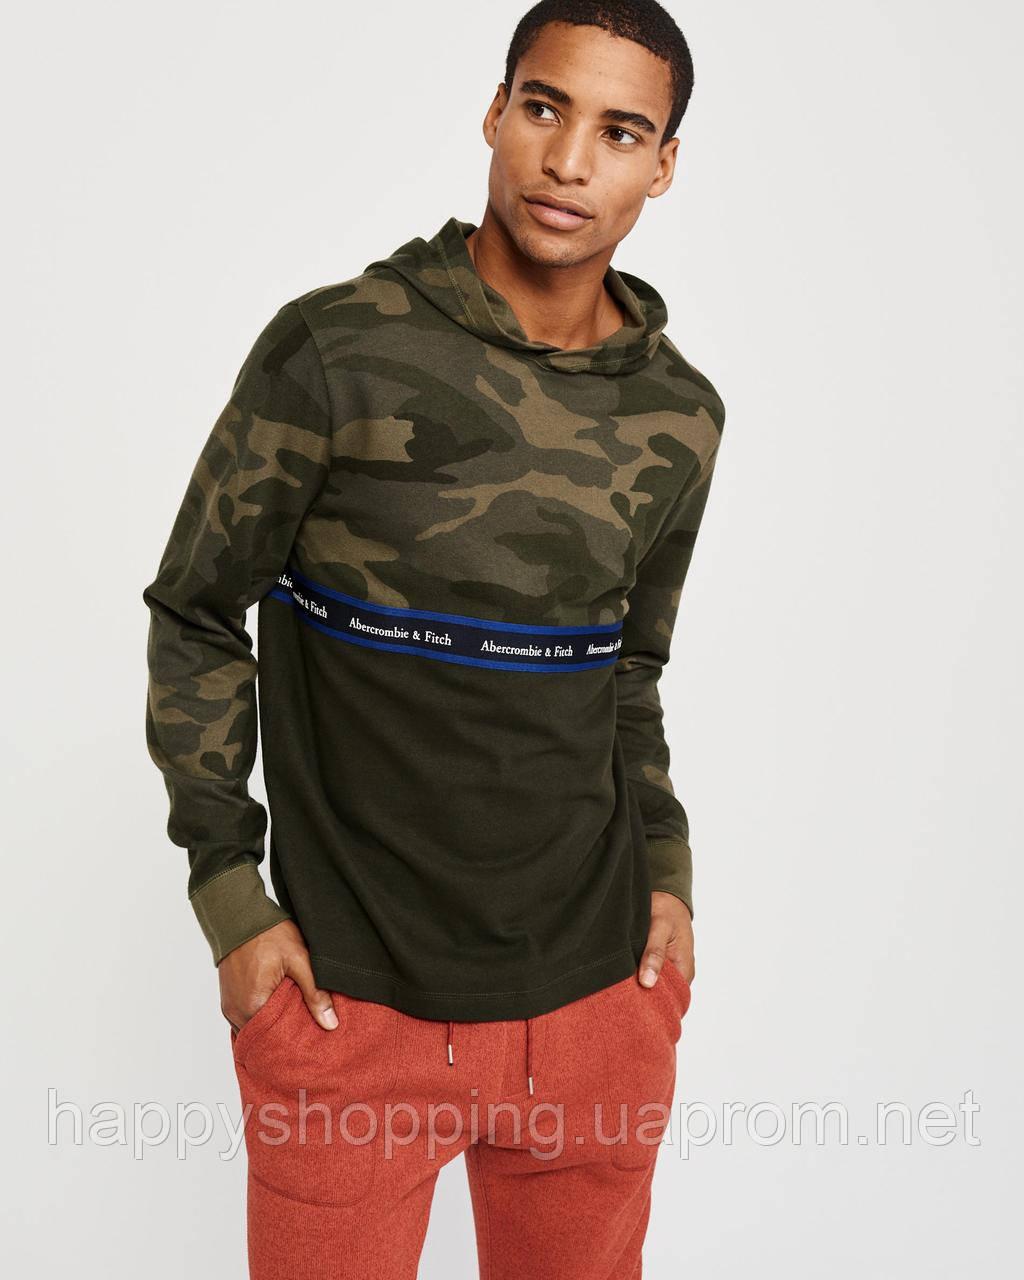 Мужская камуфляжная кофта с капюшоном Abercrombie & Fitch (Размеры - M, L)